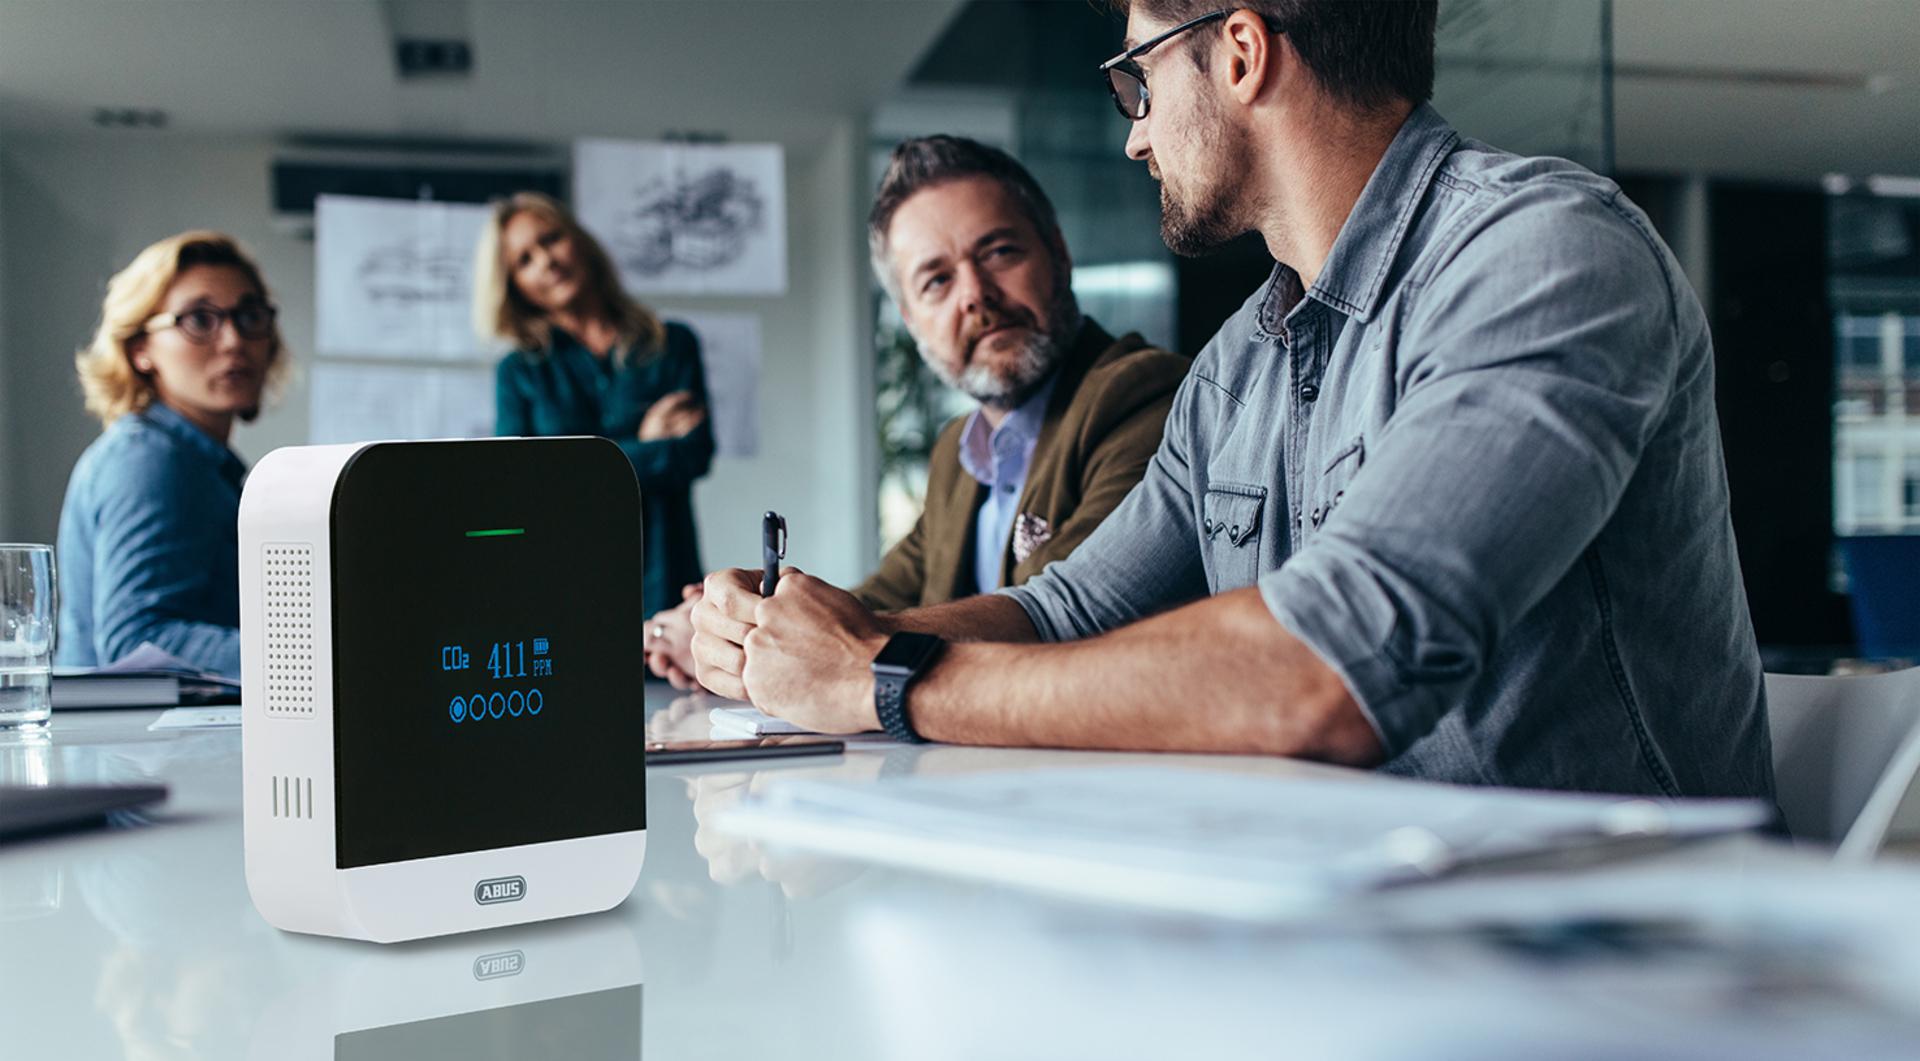 Praktisch im Büro: Mit dem AirSecure werden Sie ans Lüften erinnert